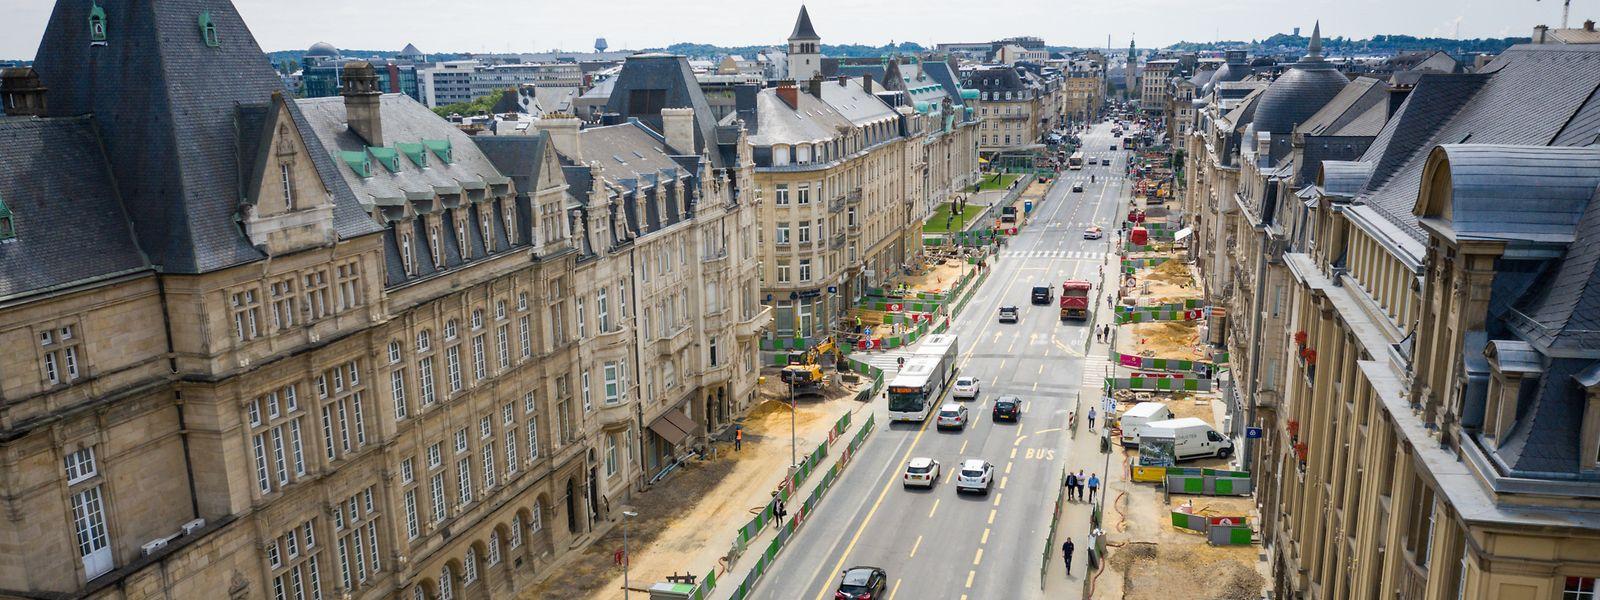 Baustellen, wohin das Auge reicht: In der Avenue de la Liberté wird derzeit mit Hochdruck gearbeitet.